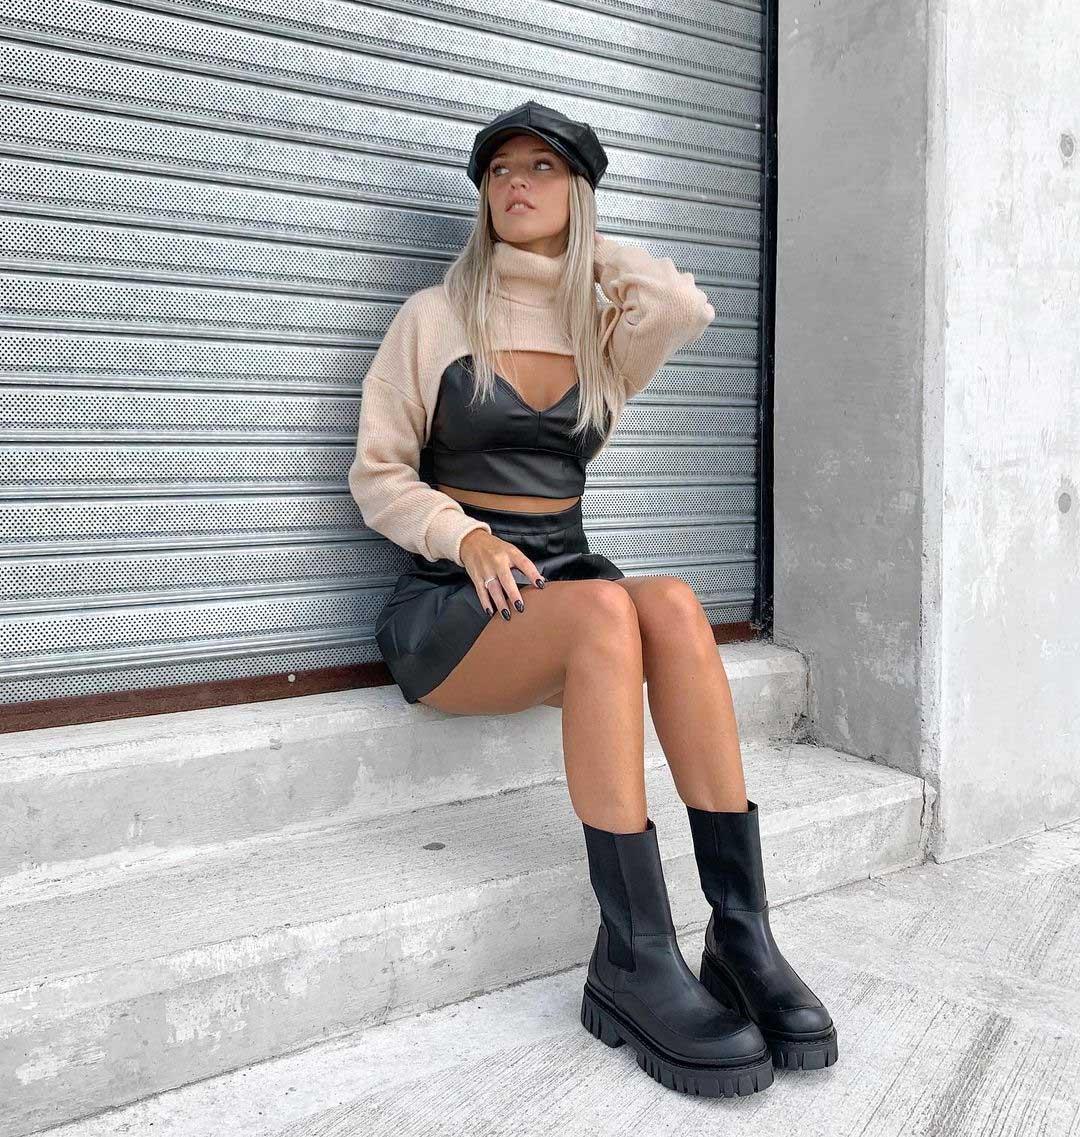 manguito o sweater hiper corto invierno 2021 moda mujer